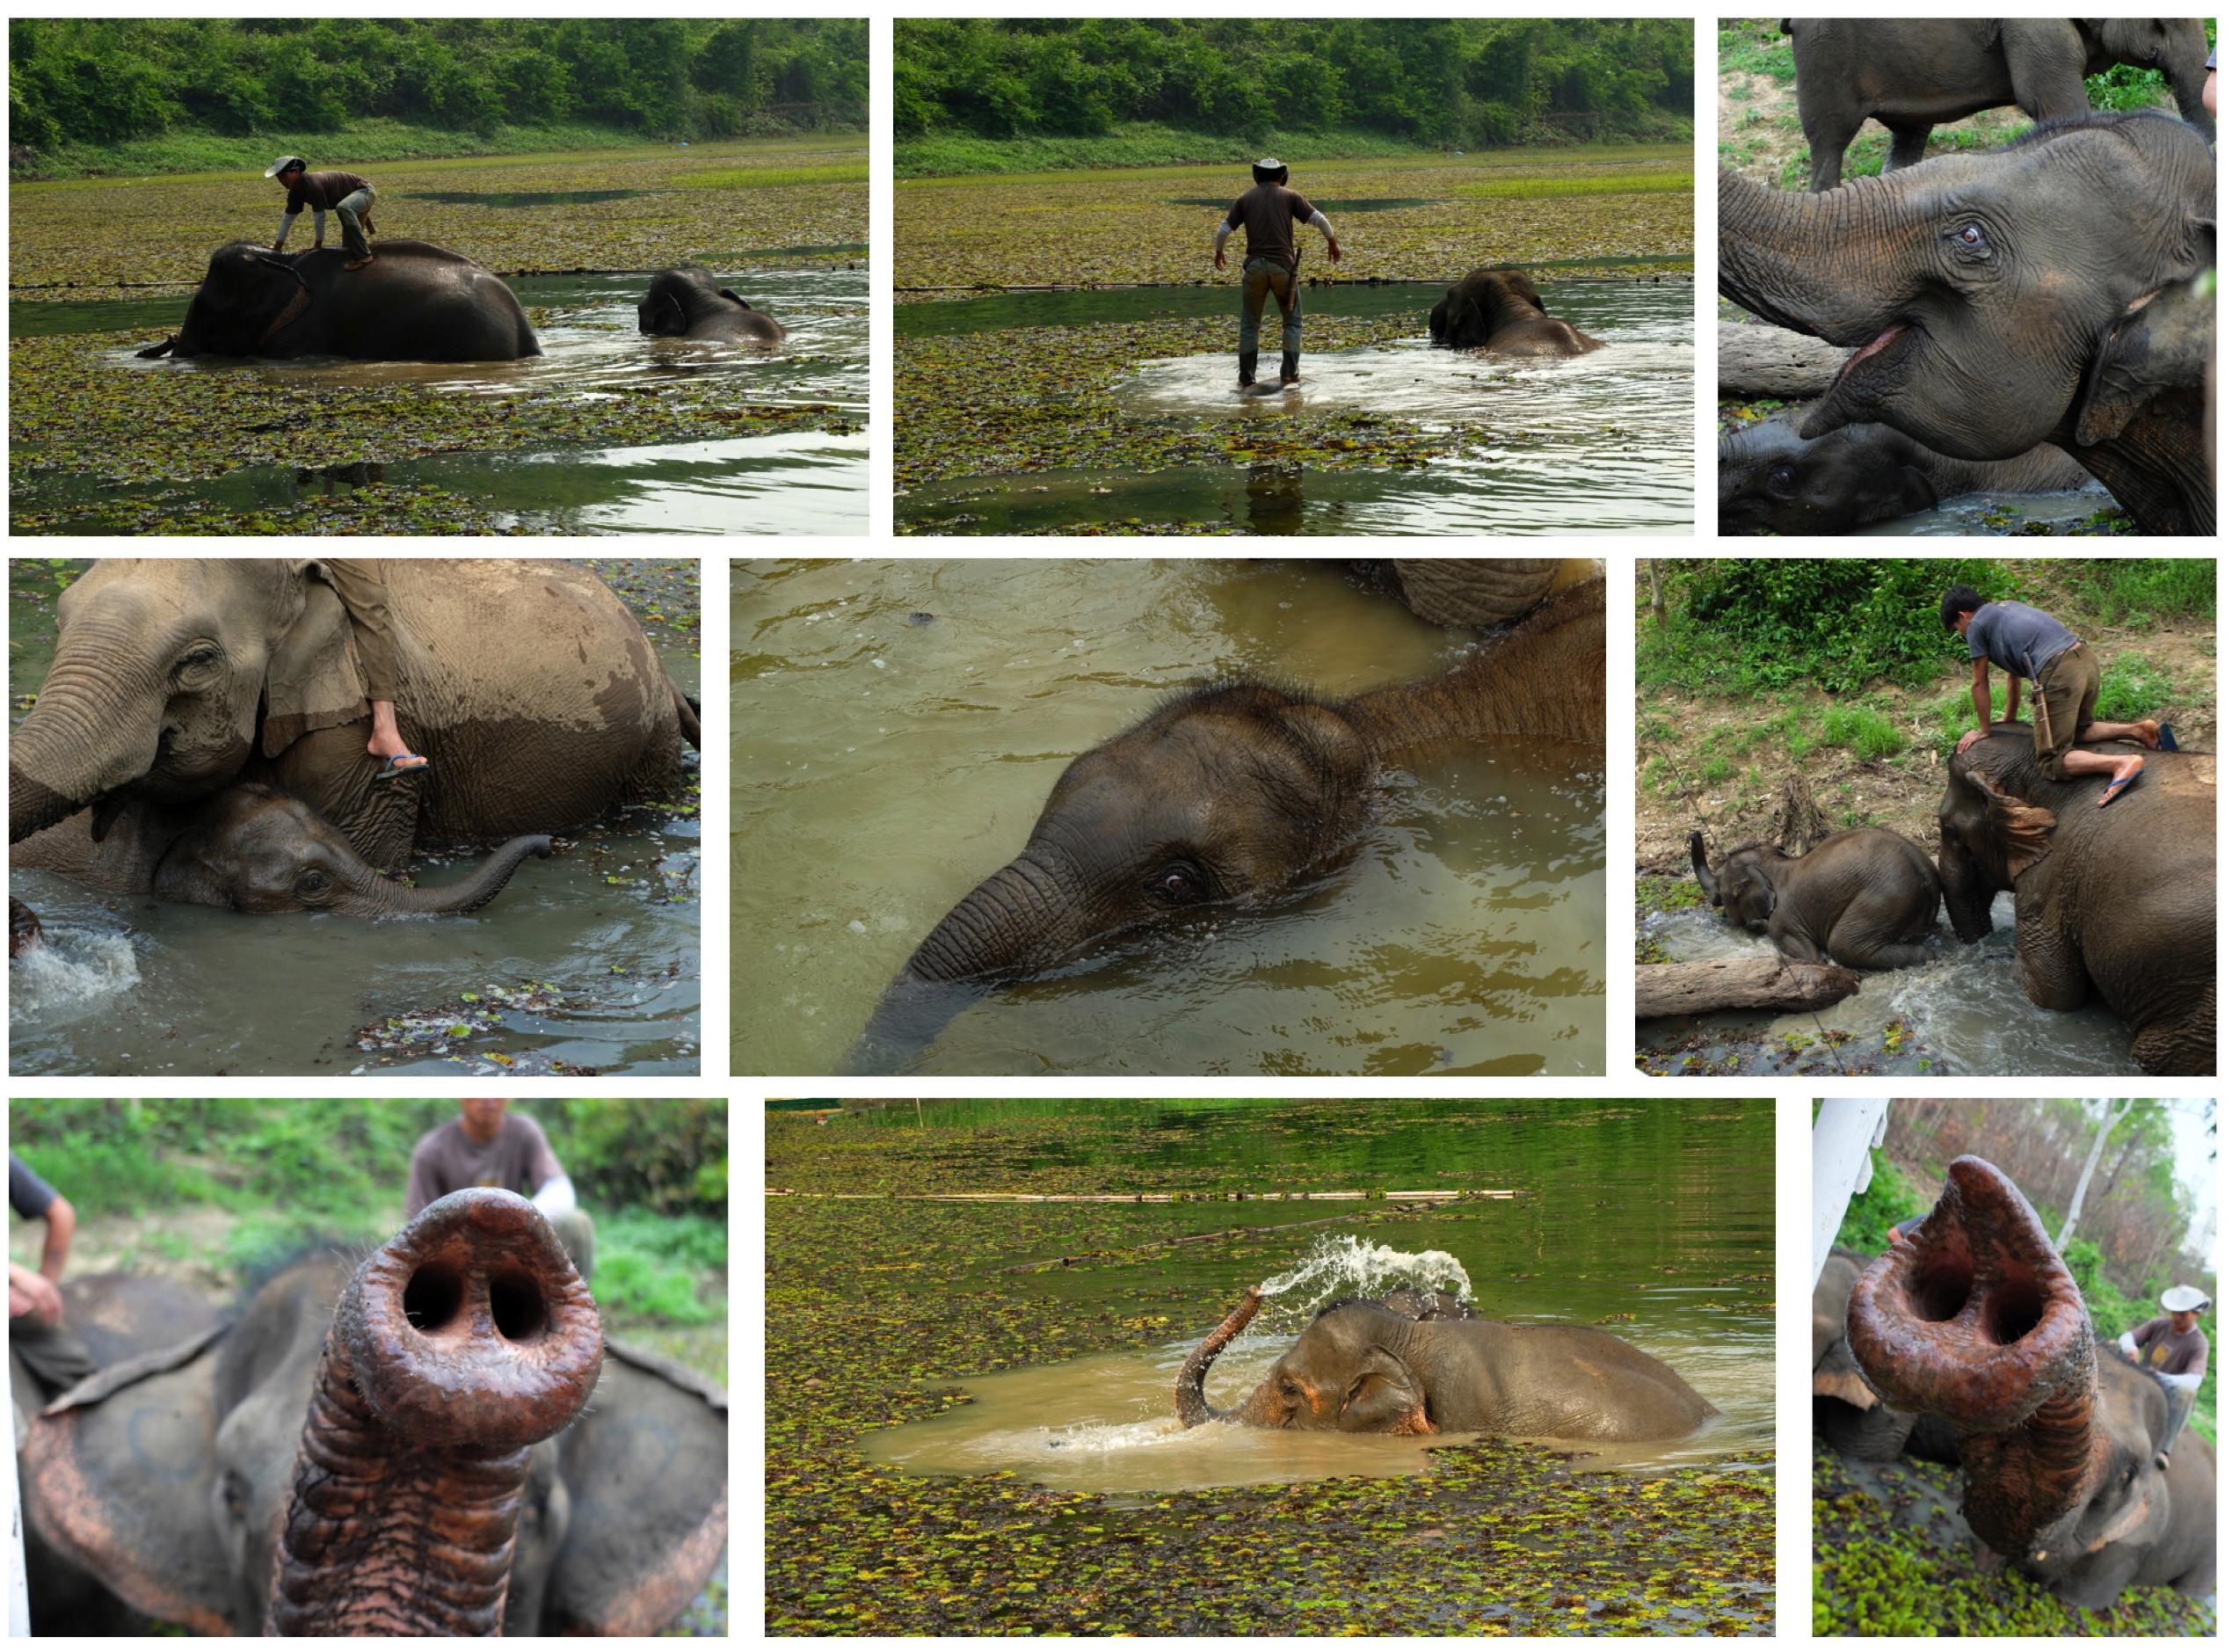 Un éléphant ça baigne énormement